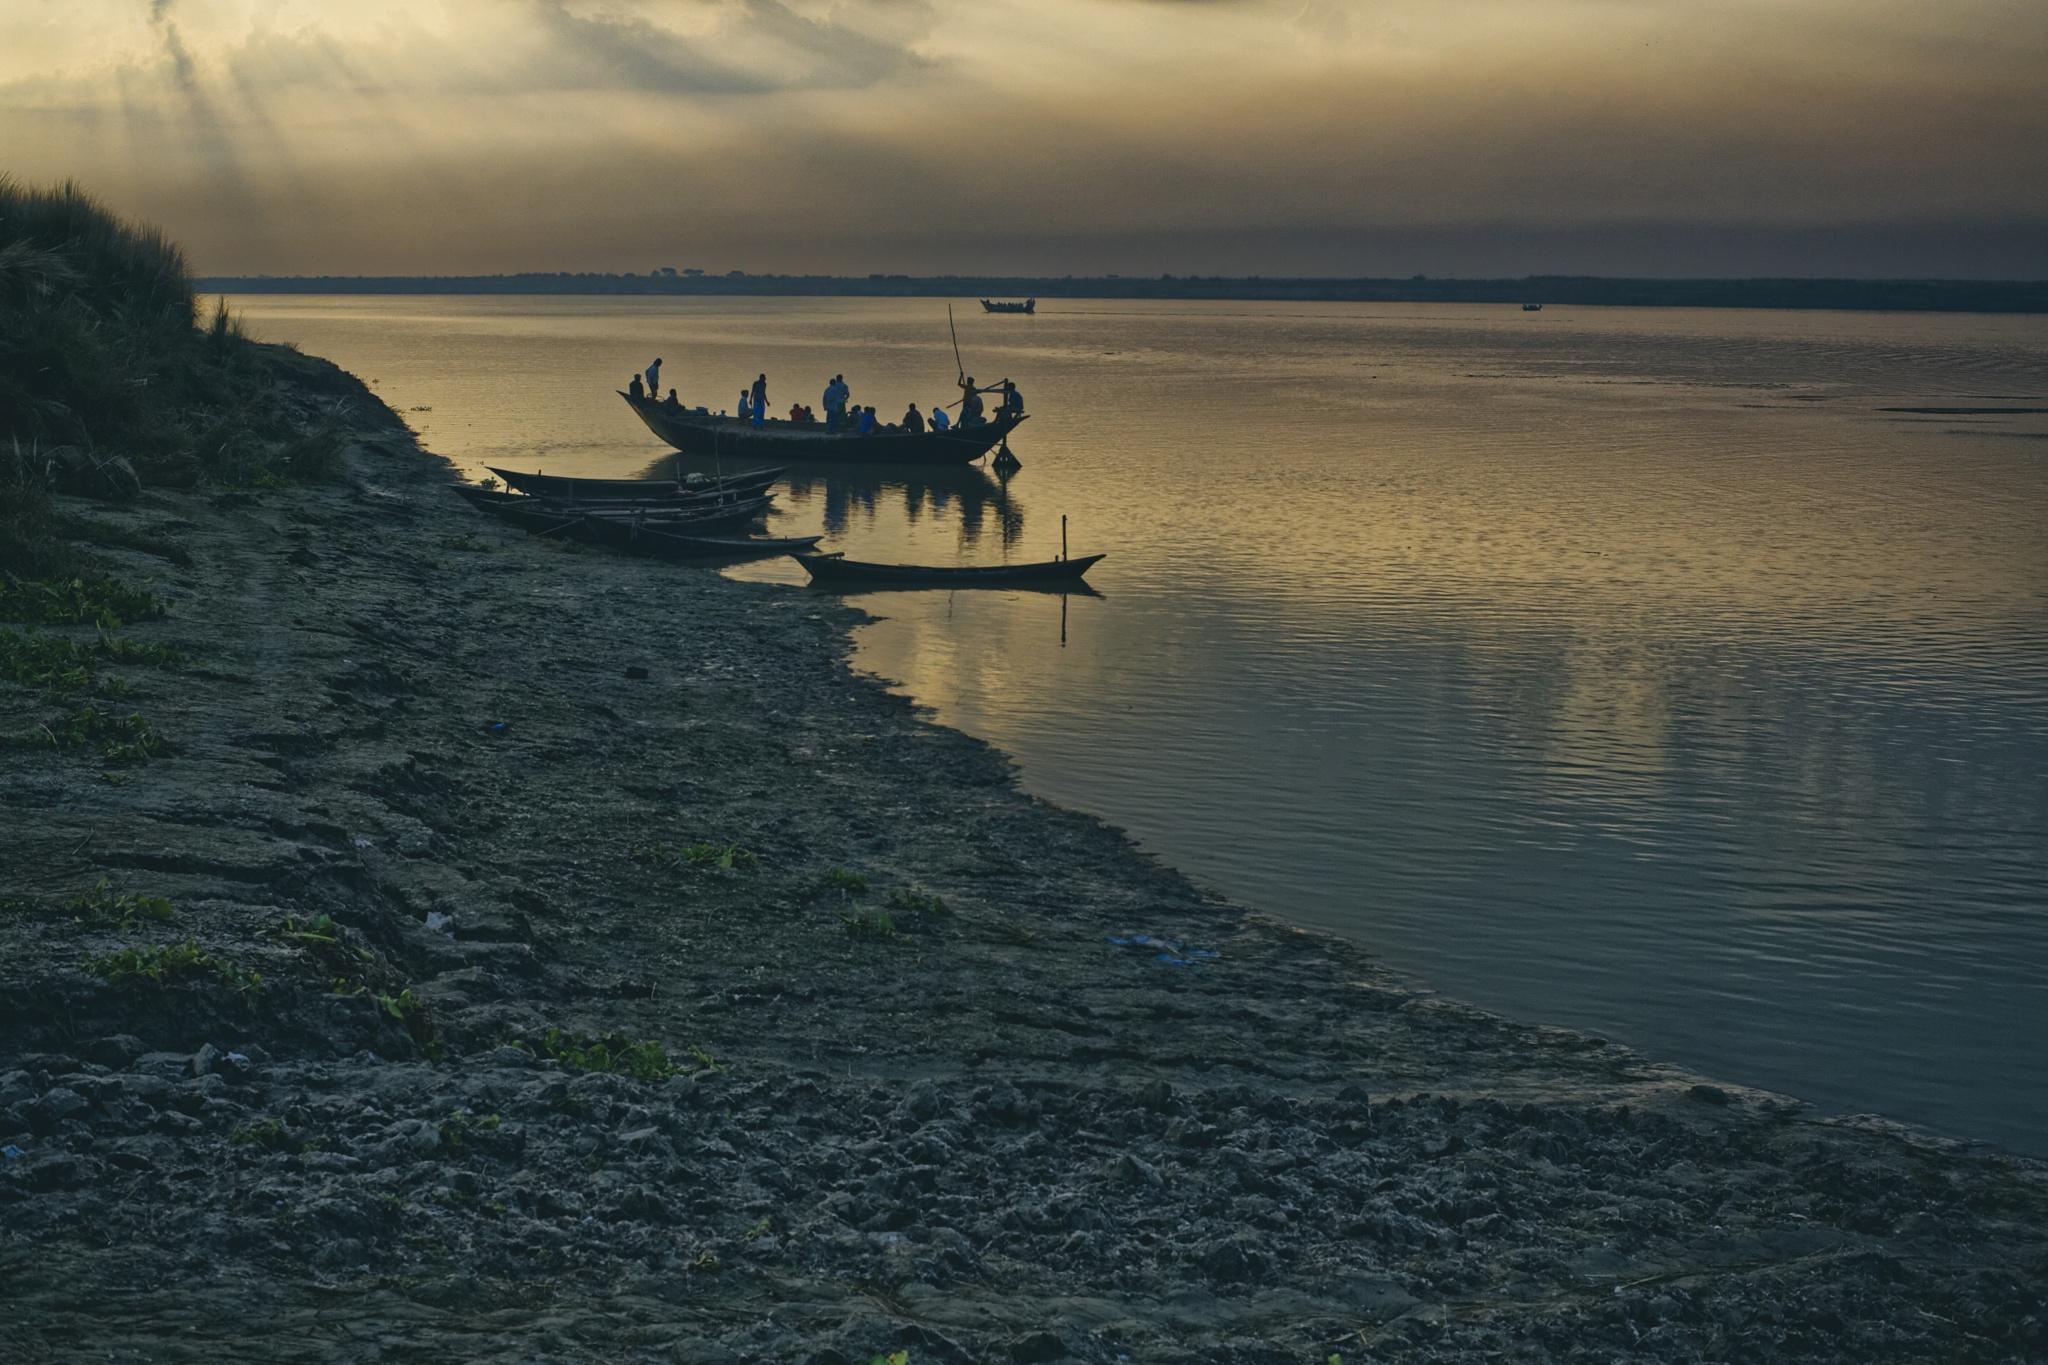 Moring at Padma River, Rajshahi 2013 by Arshad Ron